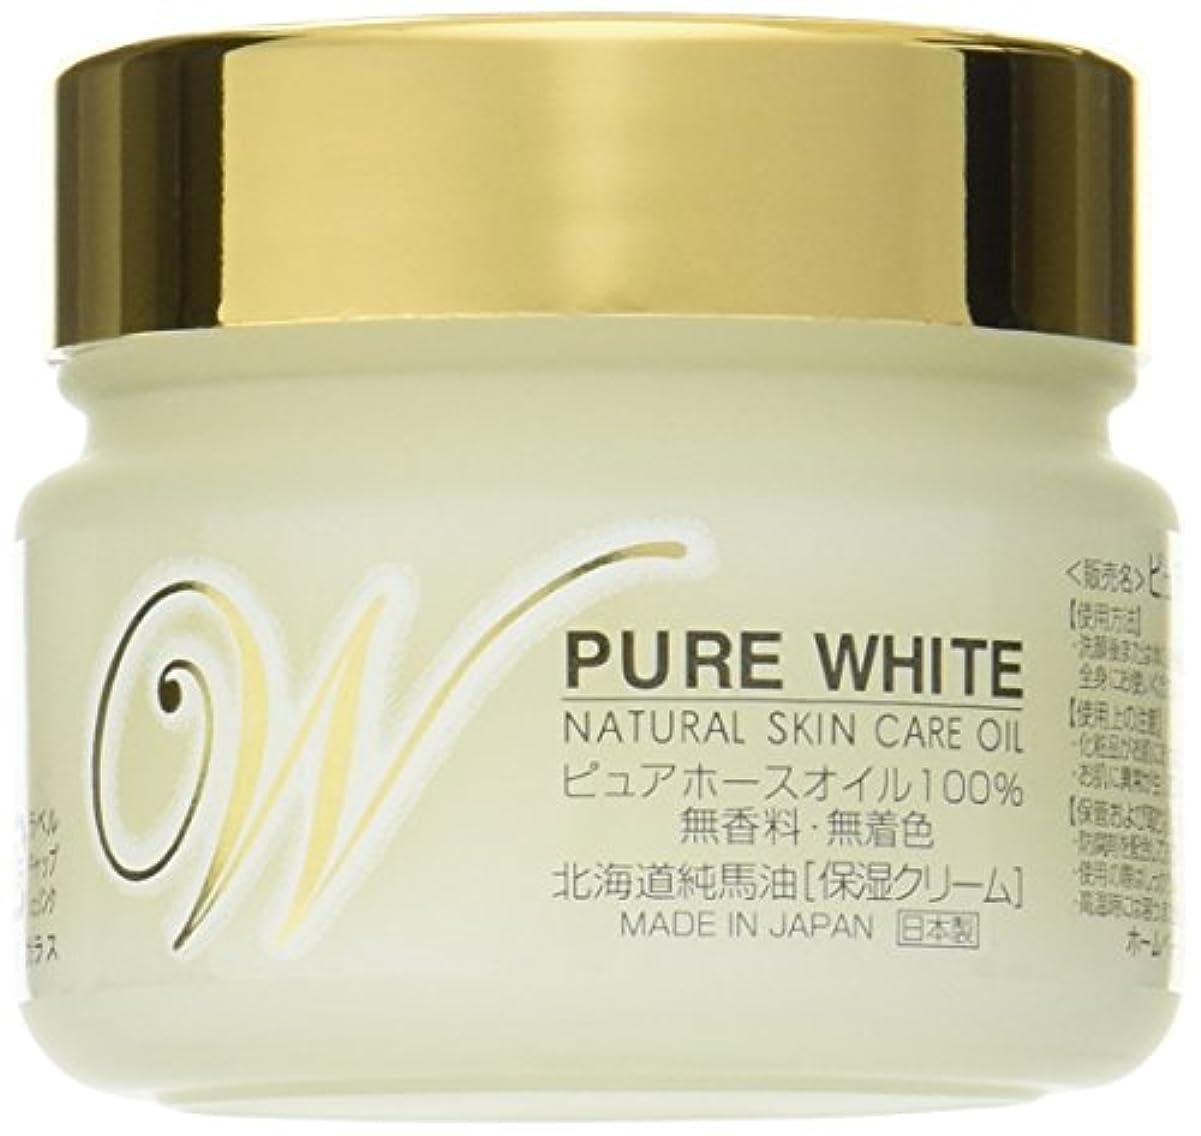 吐き出すダニゲート北海道純馬油本舗 ピュアホワイト ピュアホースオイル100% 保湿クリーム 無香料無着色 100g